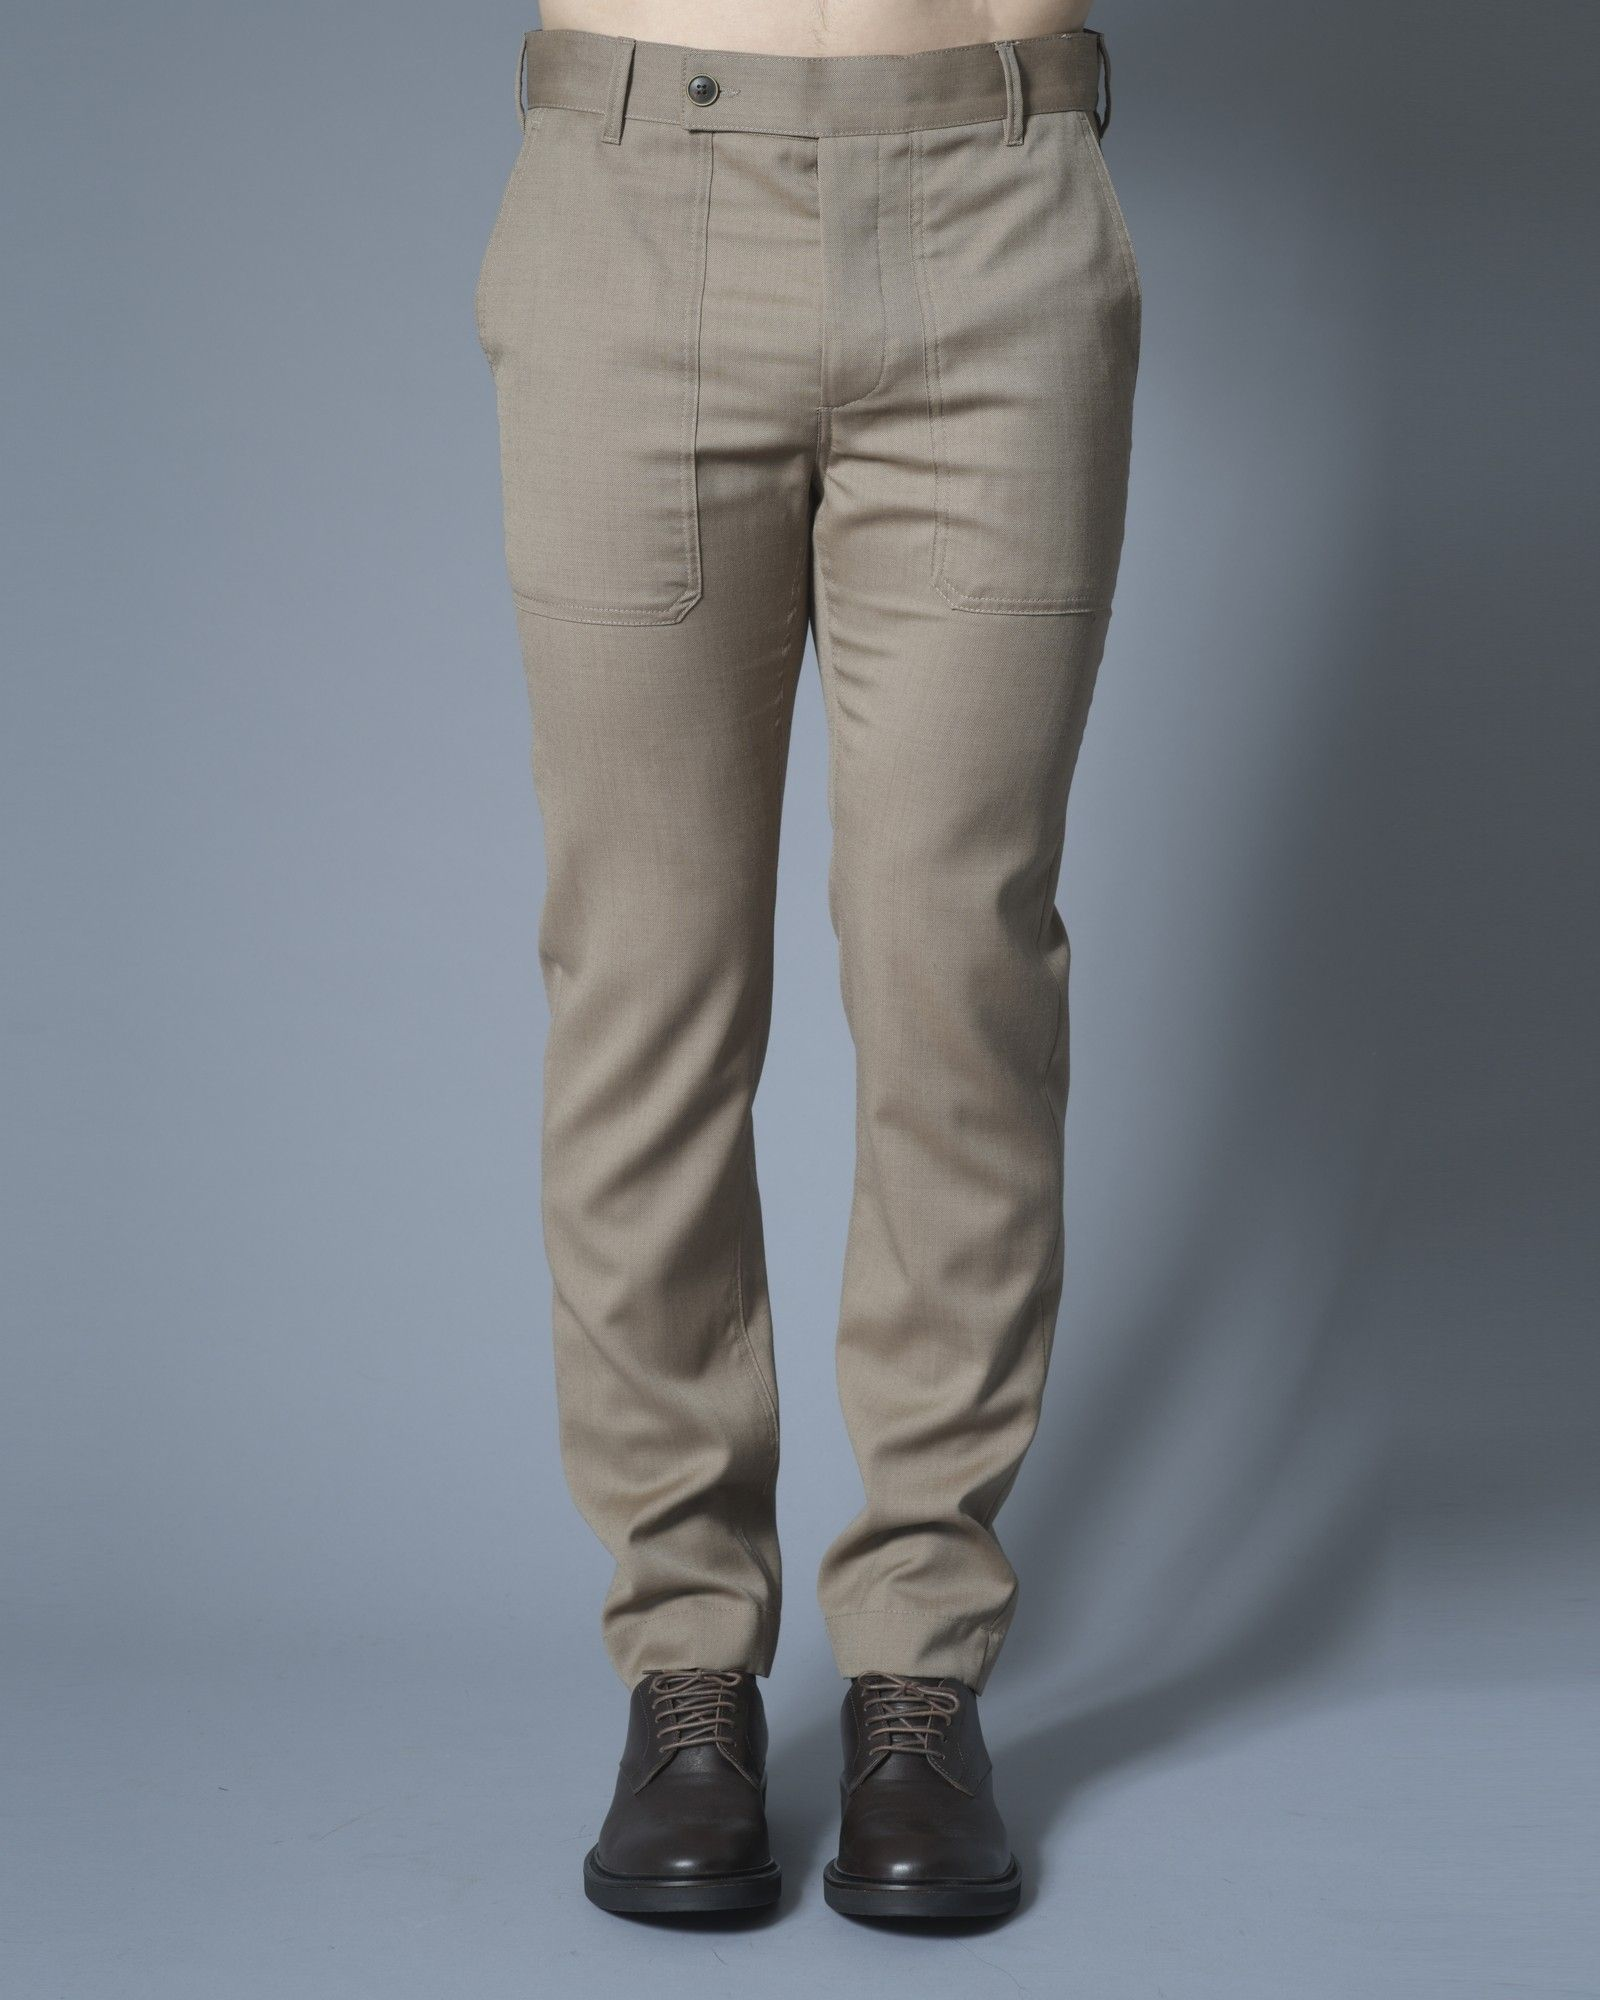 Pantalon beige Archive 18-20